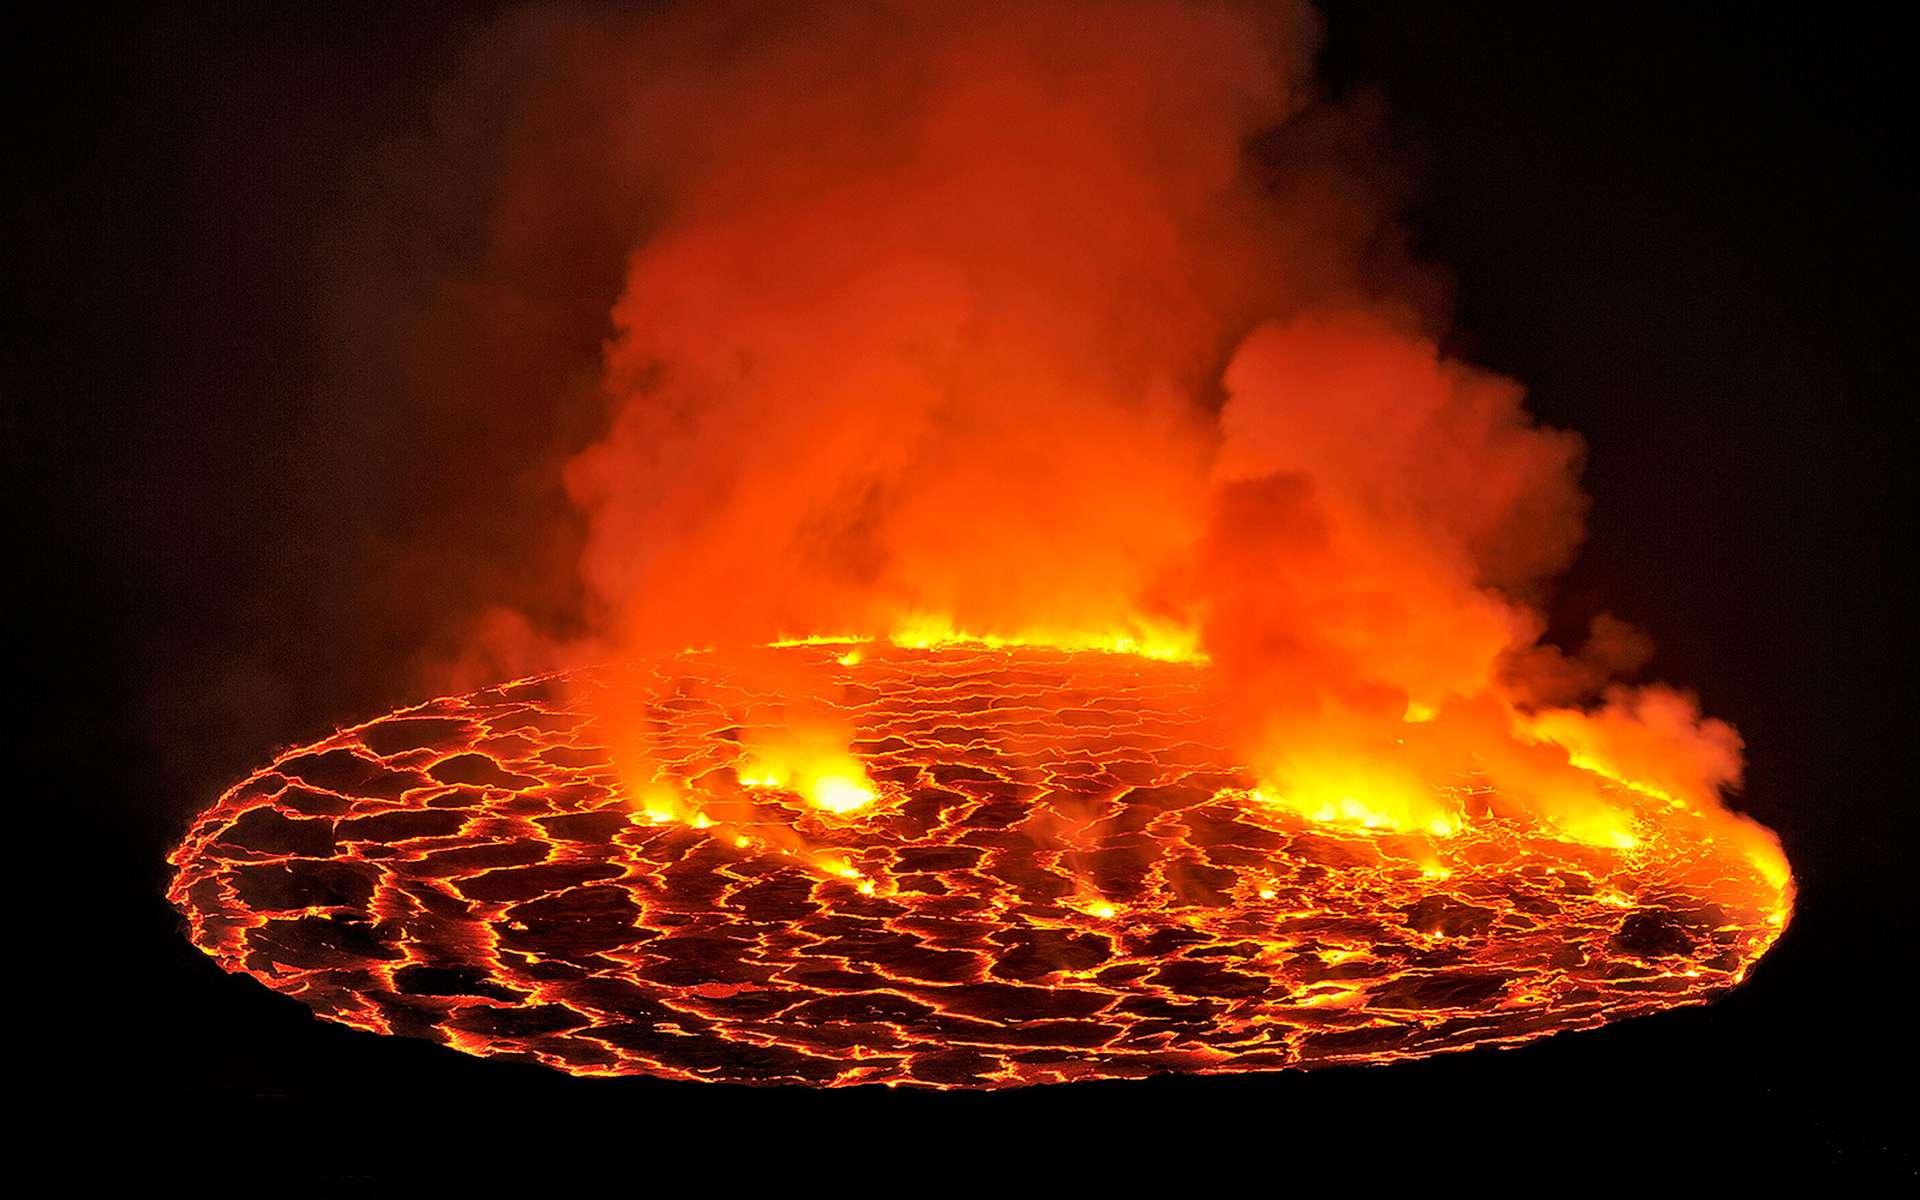 Avec ses 250 mètres de large, le lac de lave du Nyiragongo en RDC est le plus grand de la planète. En 1977 puis en 2002, il s'est vidangé et les coulées de lave ont détruit une partie de la ville de Goma au pied du volcan. © Olivier Grunewald, DR